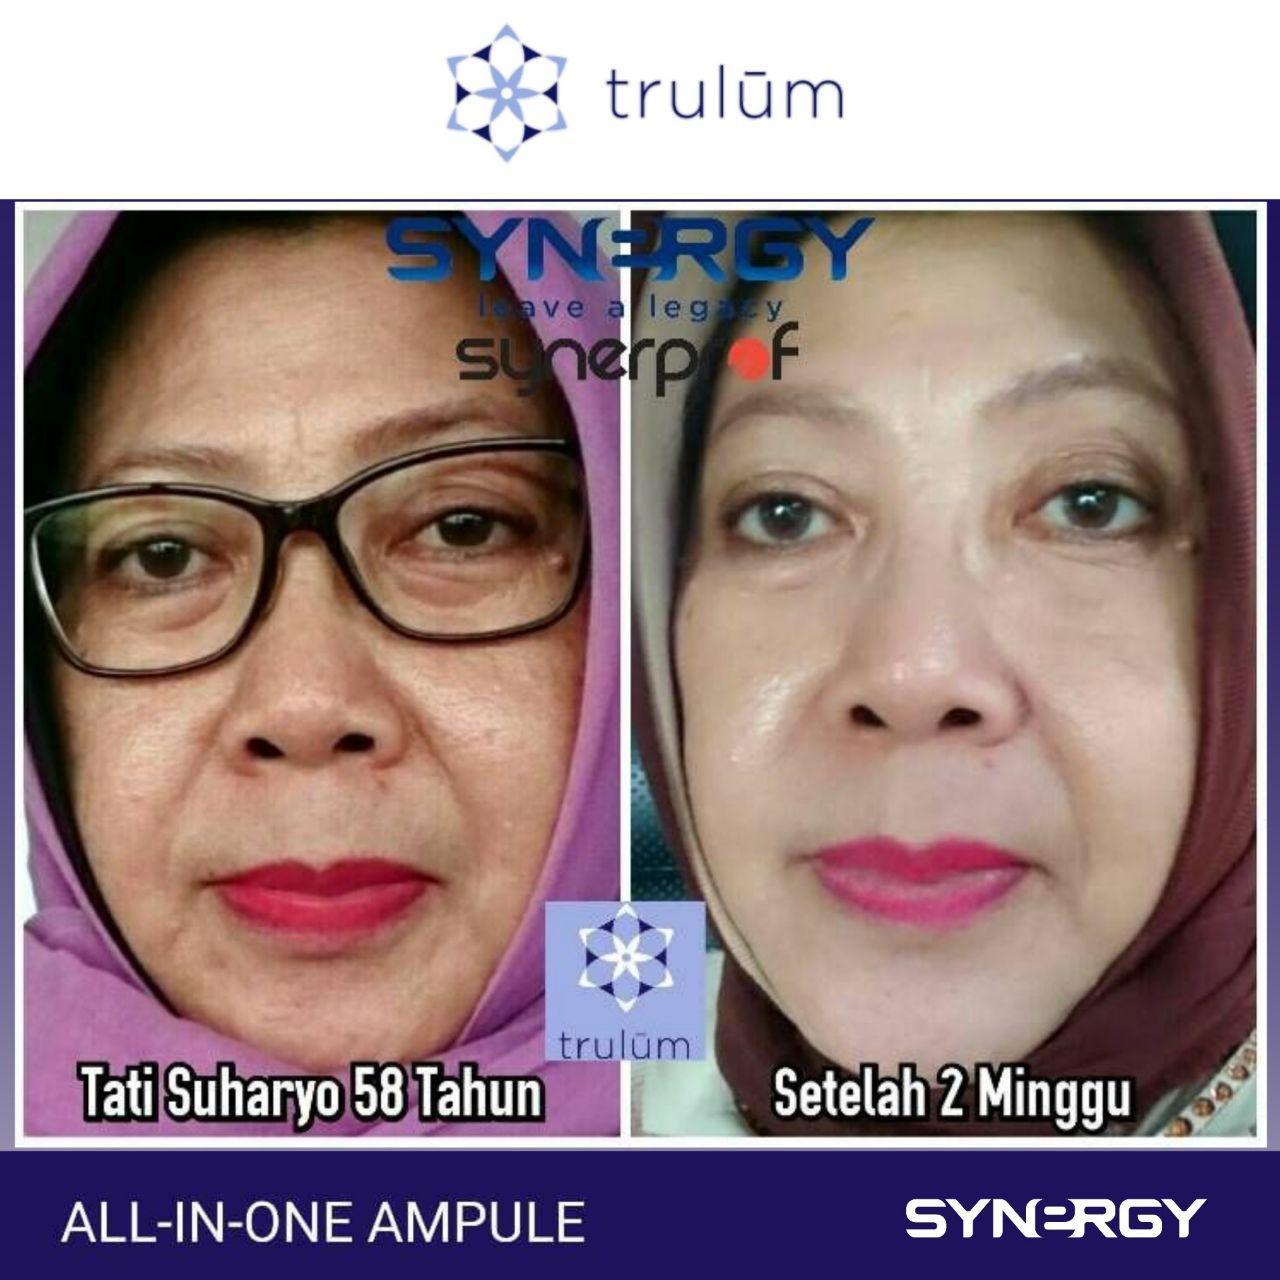 Klinik Kecantikan Trulum Skincare Di Kuantan Mudik, Kuantan Singingi WA: 08112338376